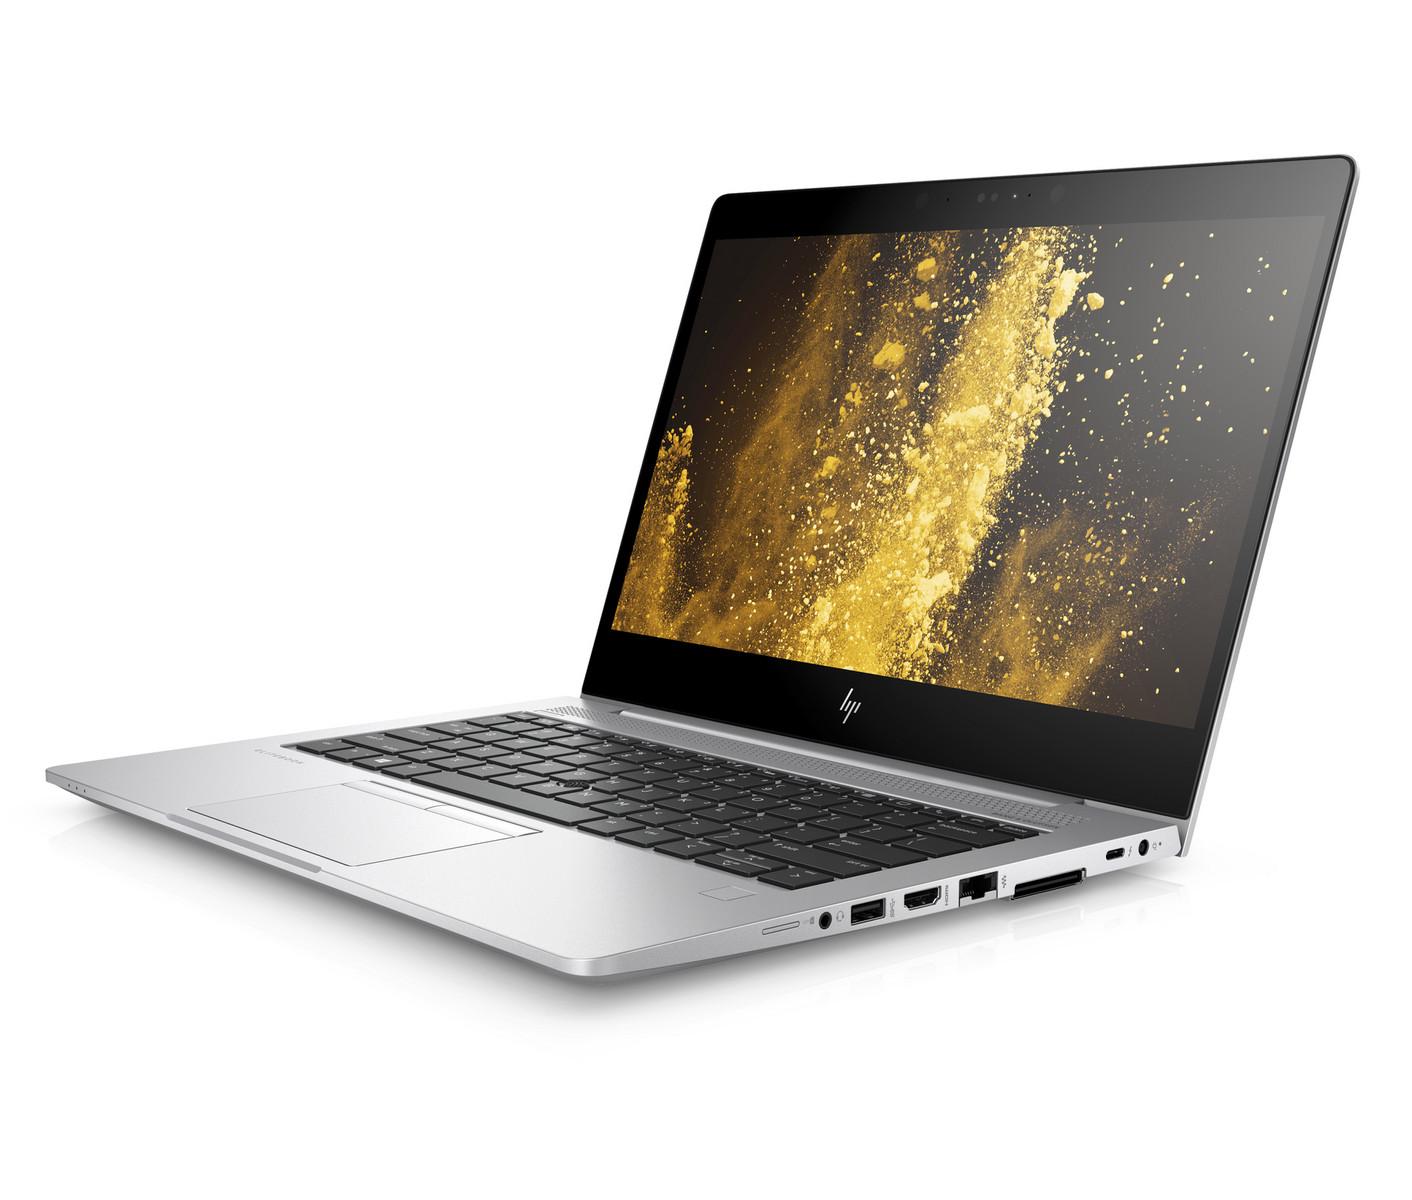 HP EliteBook 830 G5-3JX74EA - Notebookcheck.com Externe Tests